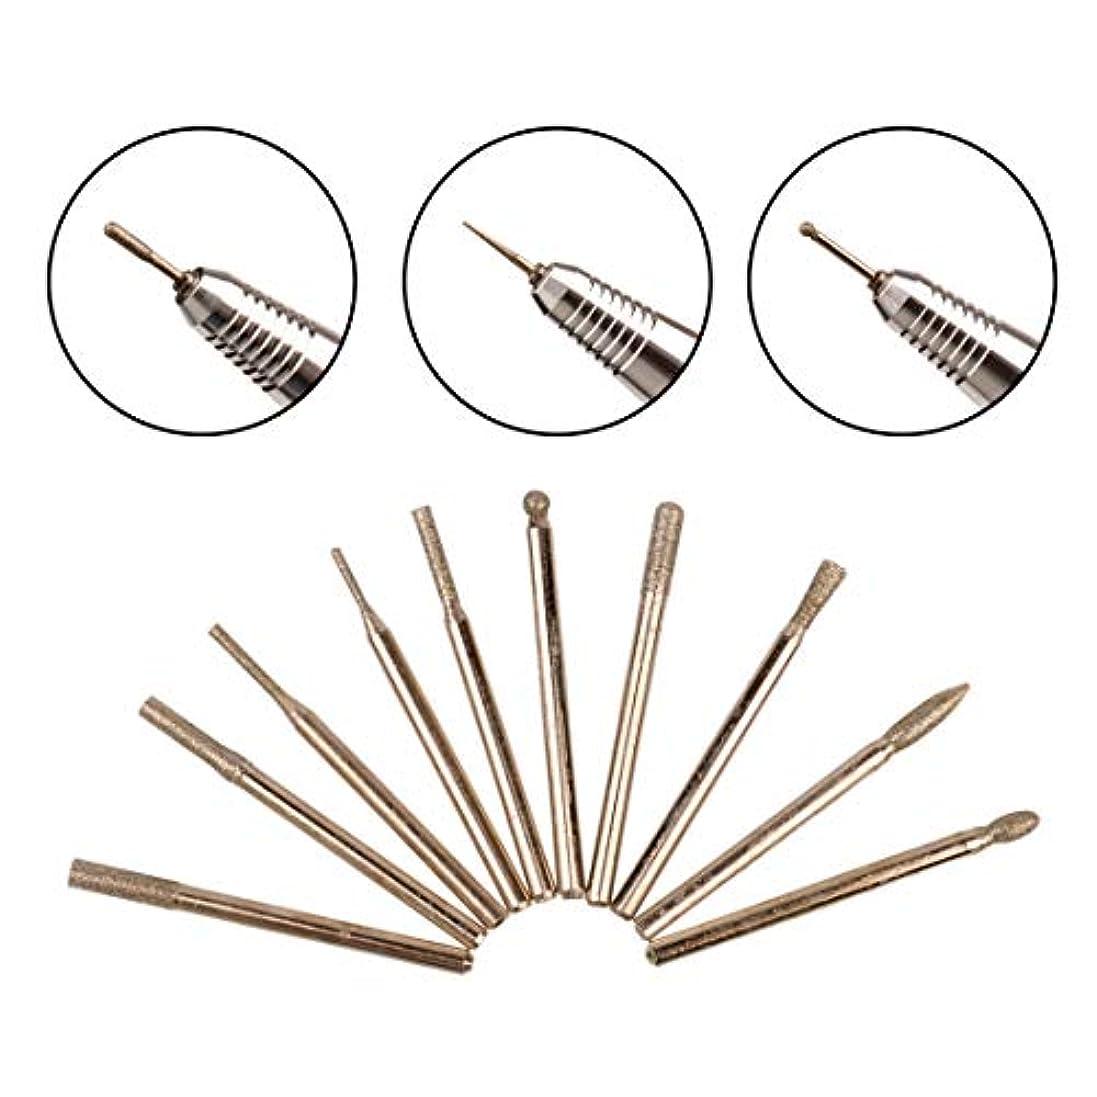 ひねり錫適応するネイルドリルビット 30本セット 研削ヘッド 爪 足の角質ケア ジェルネイル ネイルアート ネイルケア 収納ケース付き